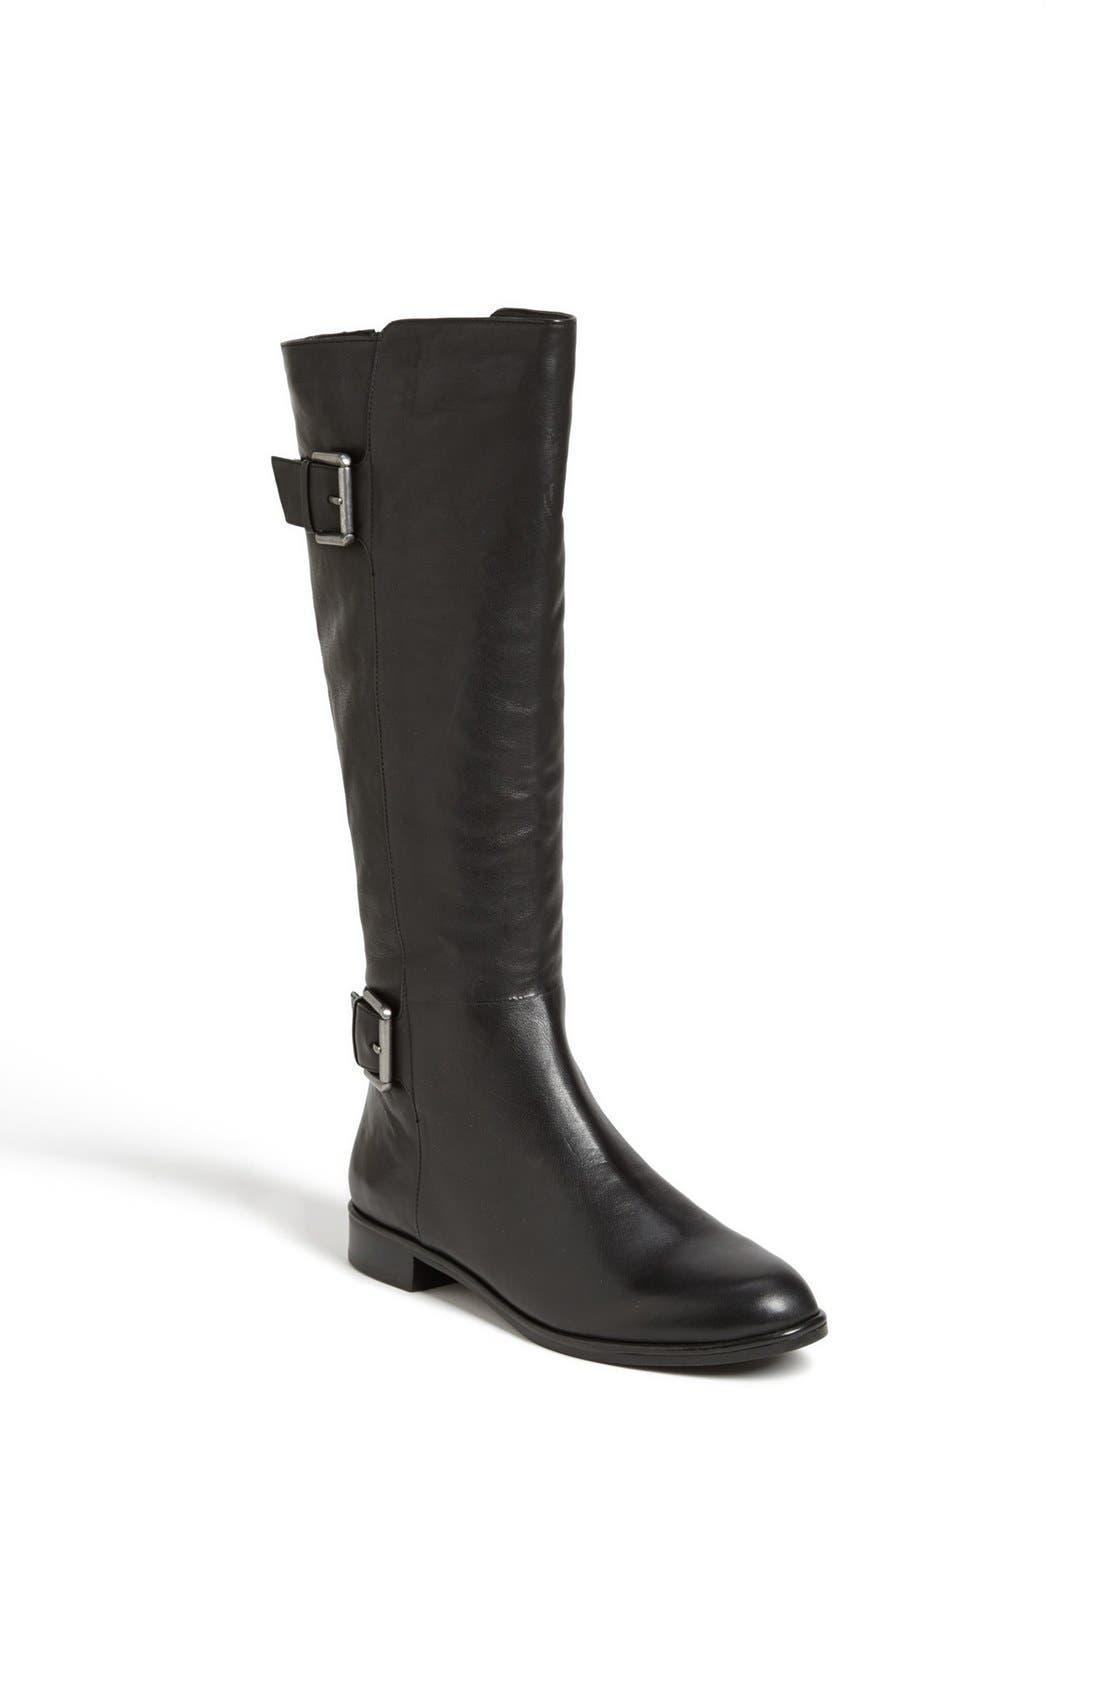 Alternate Image 1 Selected - Via Spiga 'Idelissa' Boot